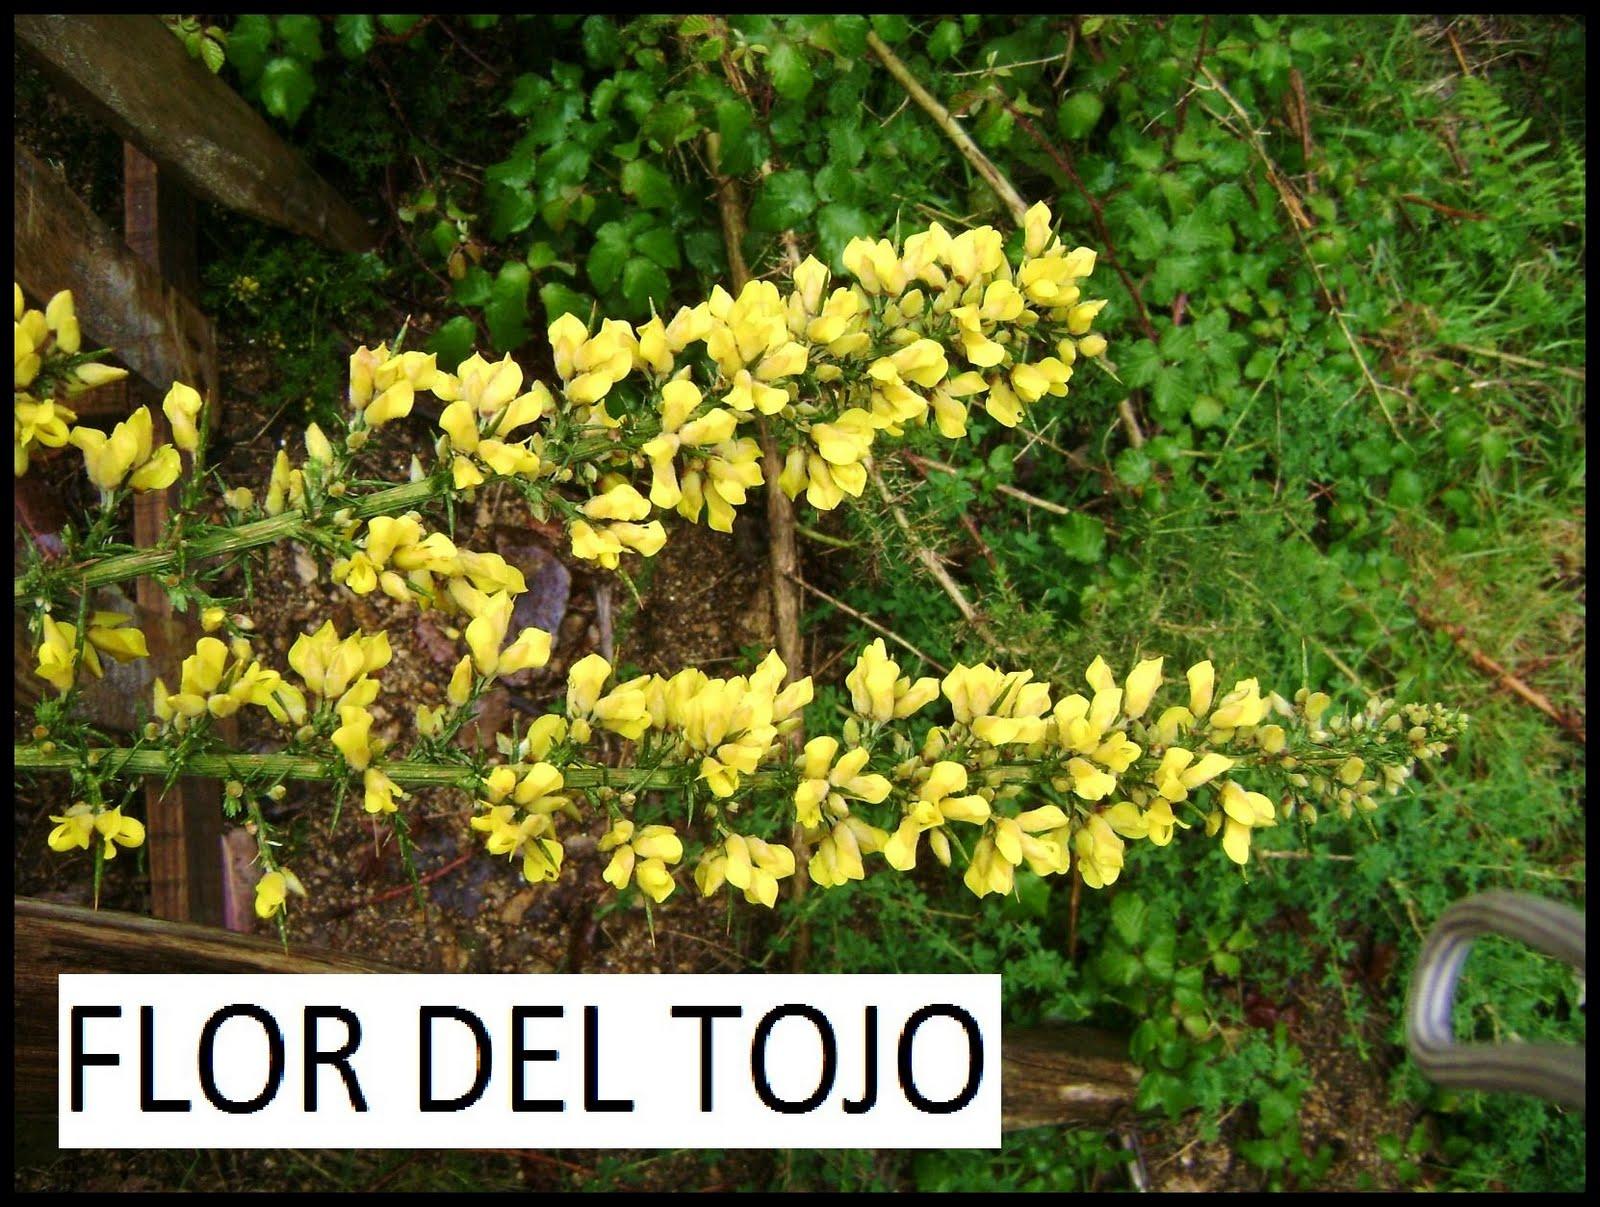 sus flores son de color amarillo dorado alrededor de cm de longitud sobre cortos pednculos bilabiados y vellosos las flores aparecen